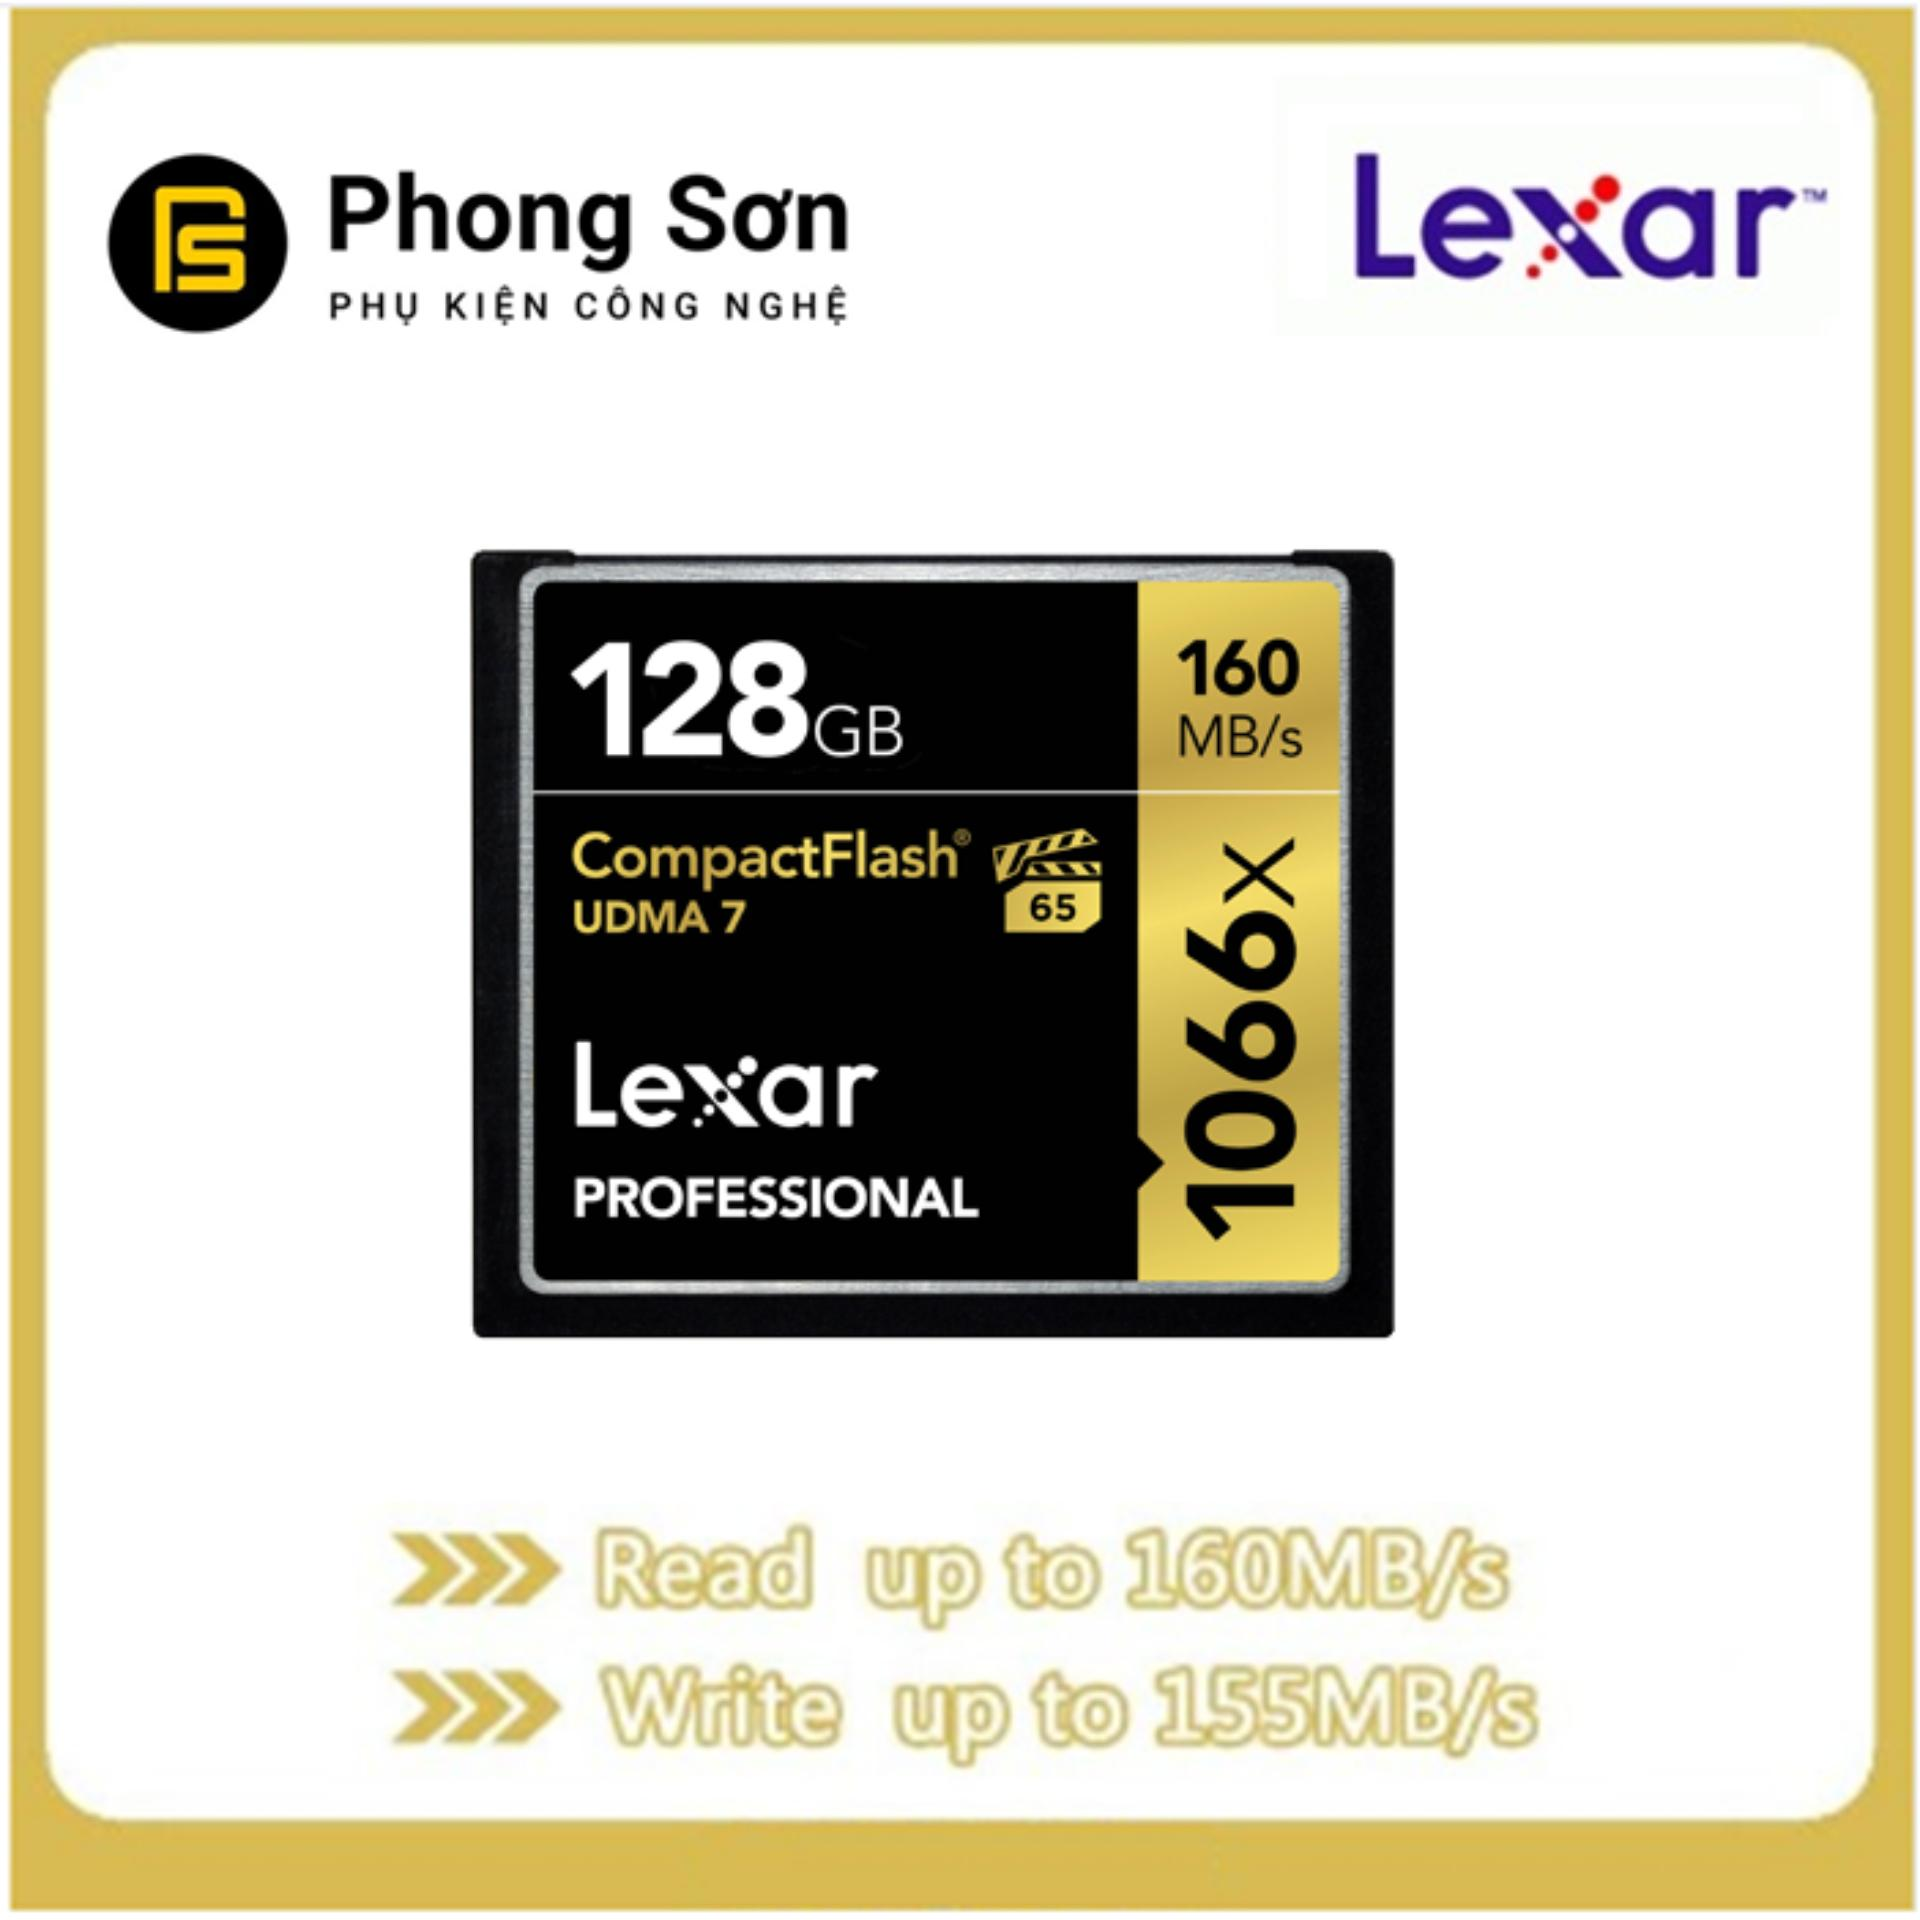 Thẻ Nhớ CF Lexar 128GB Pro 1066X 160MB/S - Cho Máy Ảnh Chuyên Nghiệp, Tốc Độ Cao (Đen, Vàng)